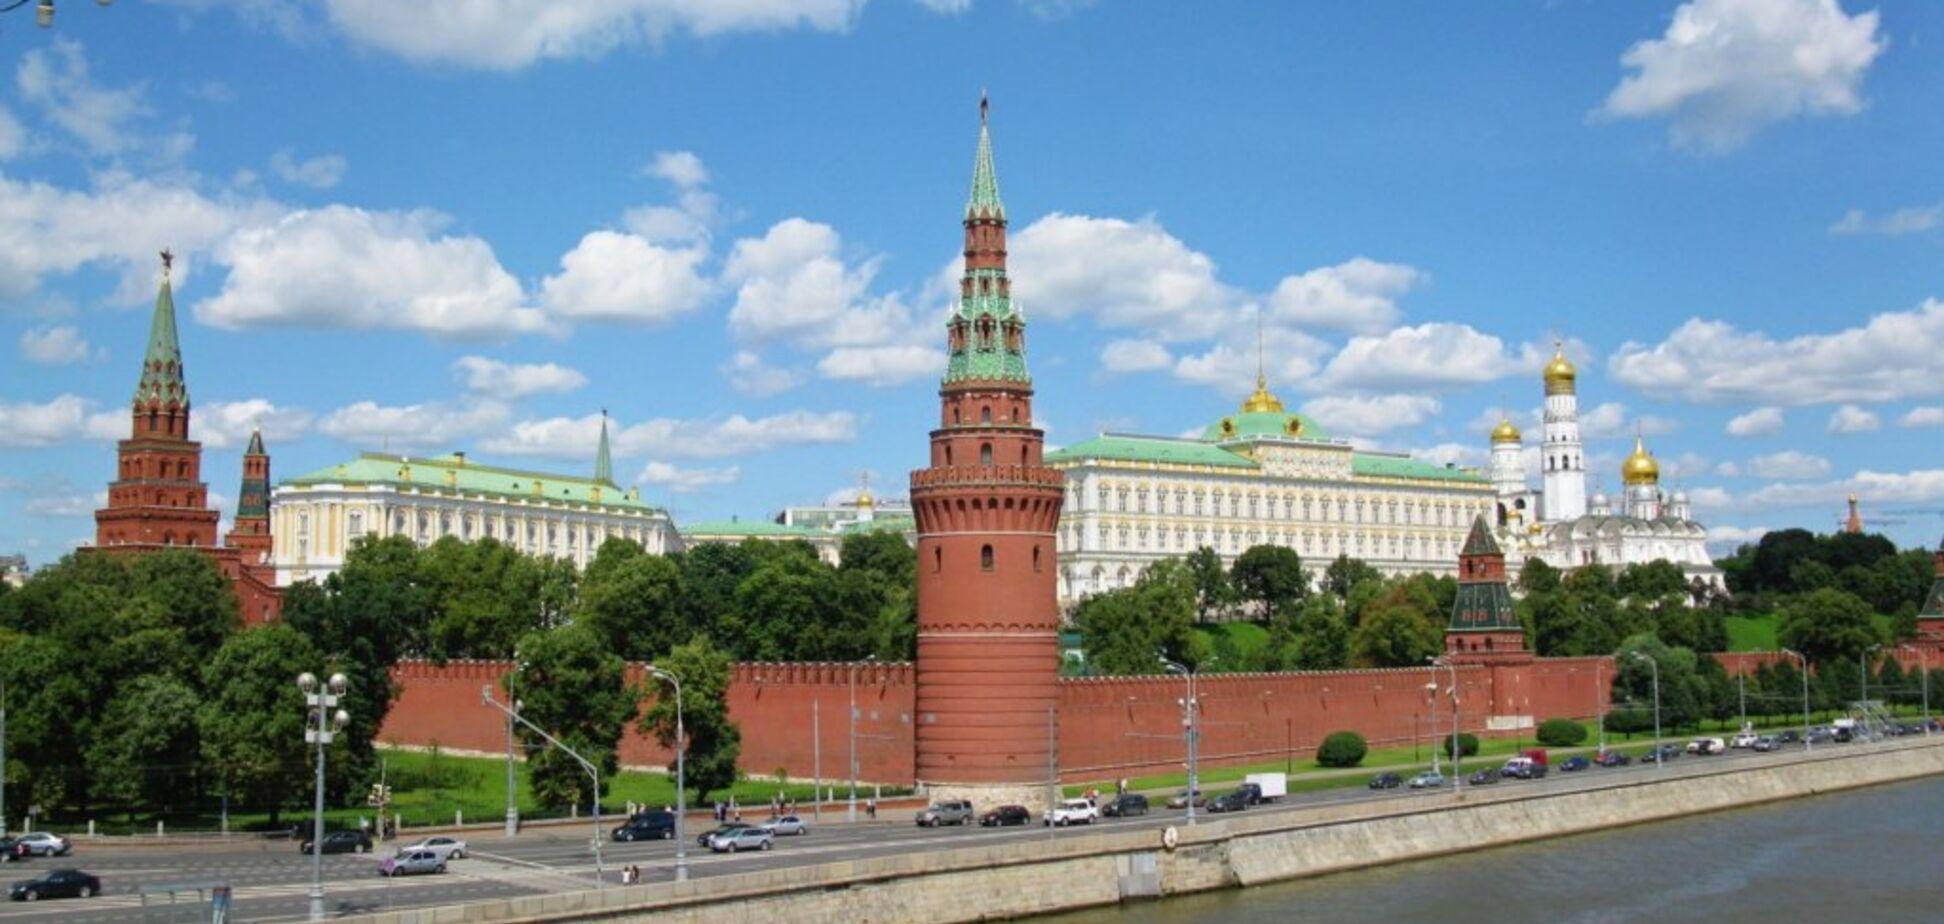 Кремль готов пойти на уступки по Донбассу. Но есть важное условие